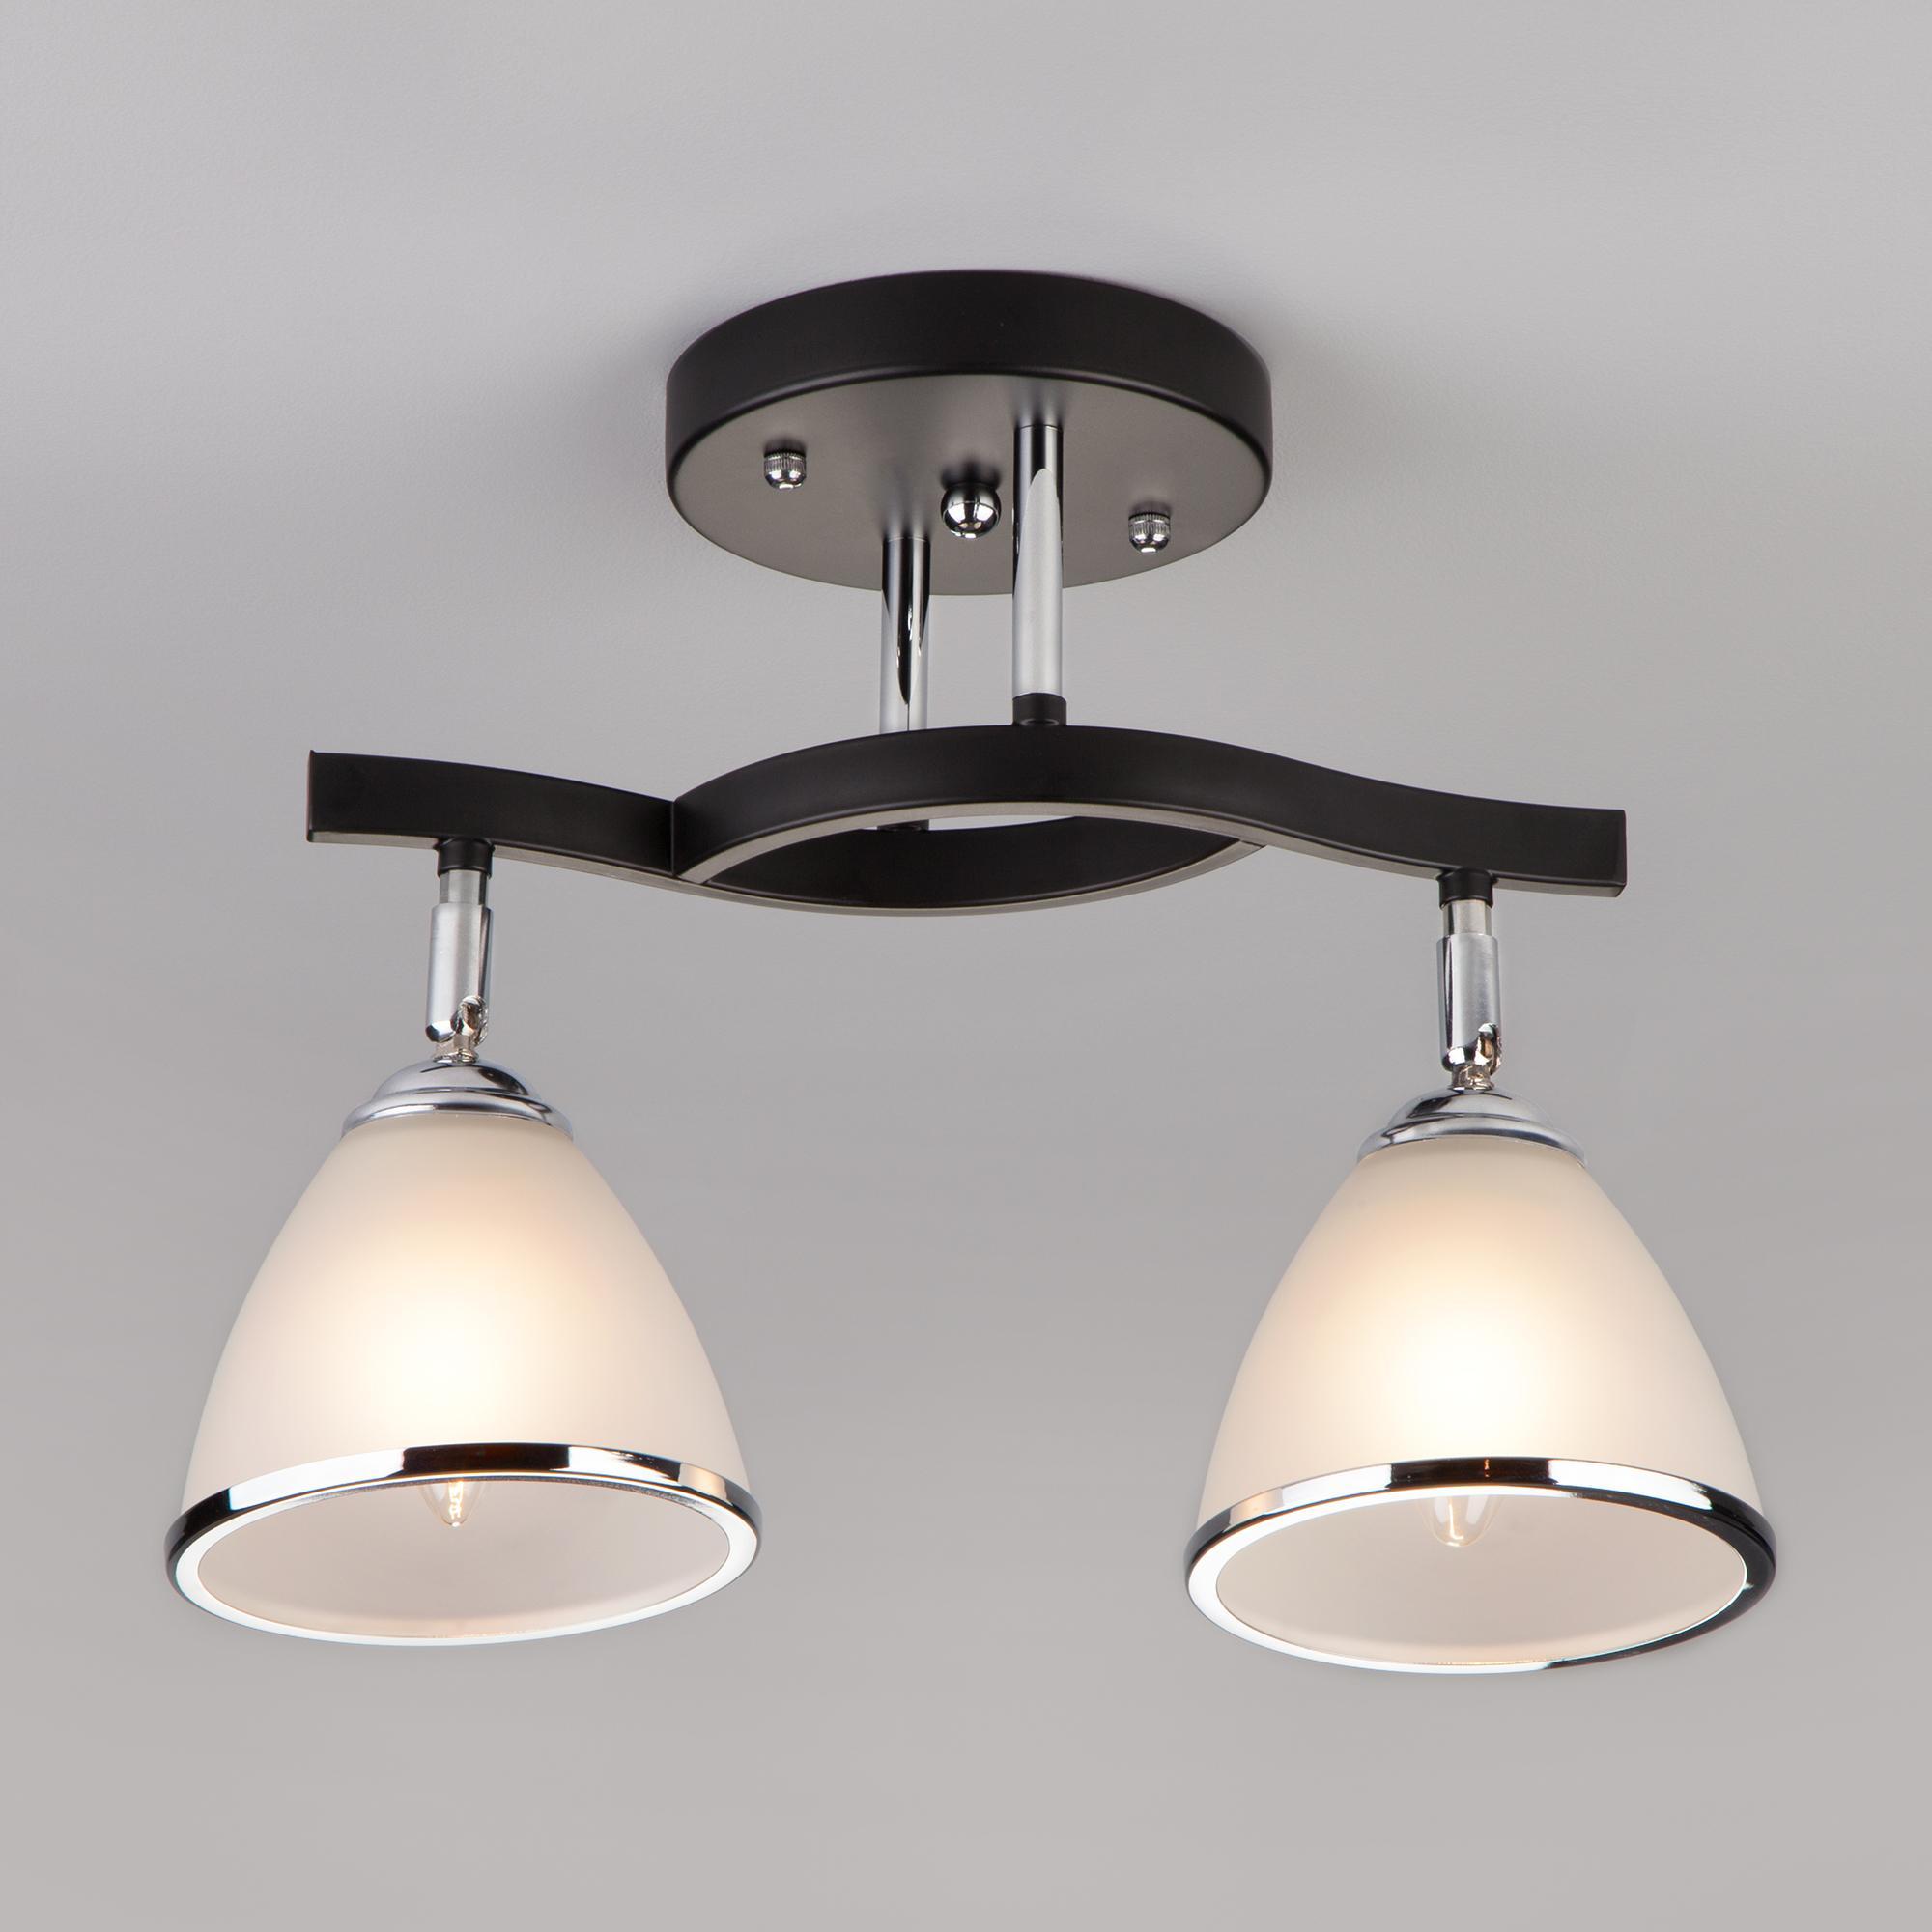 Потолочный светильник Eurosvet 9612/2 хром/венге